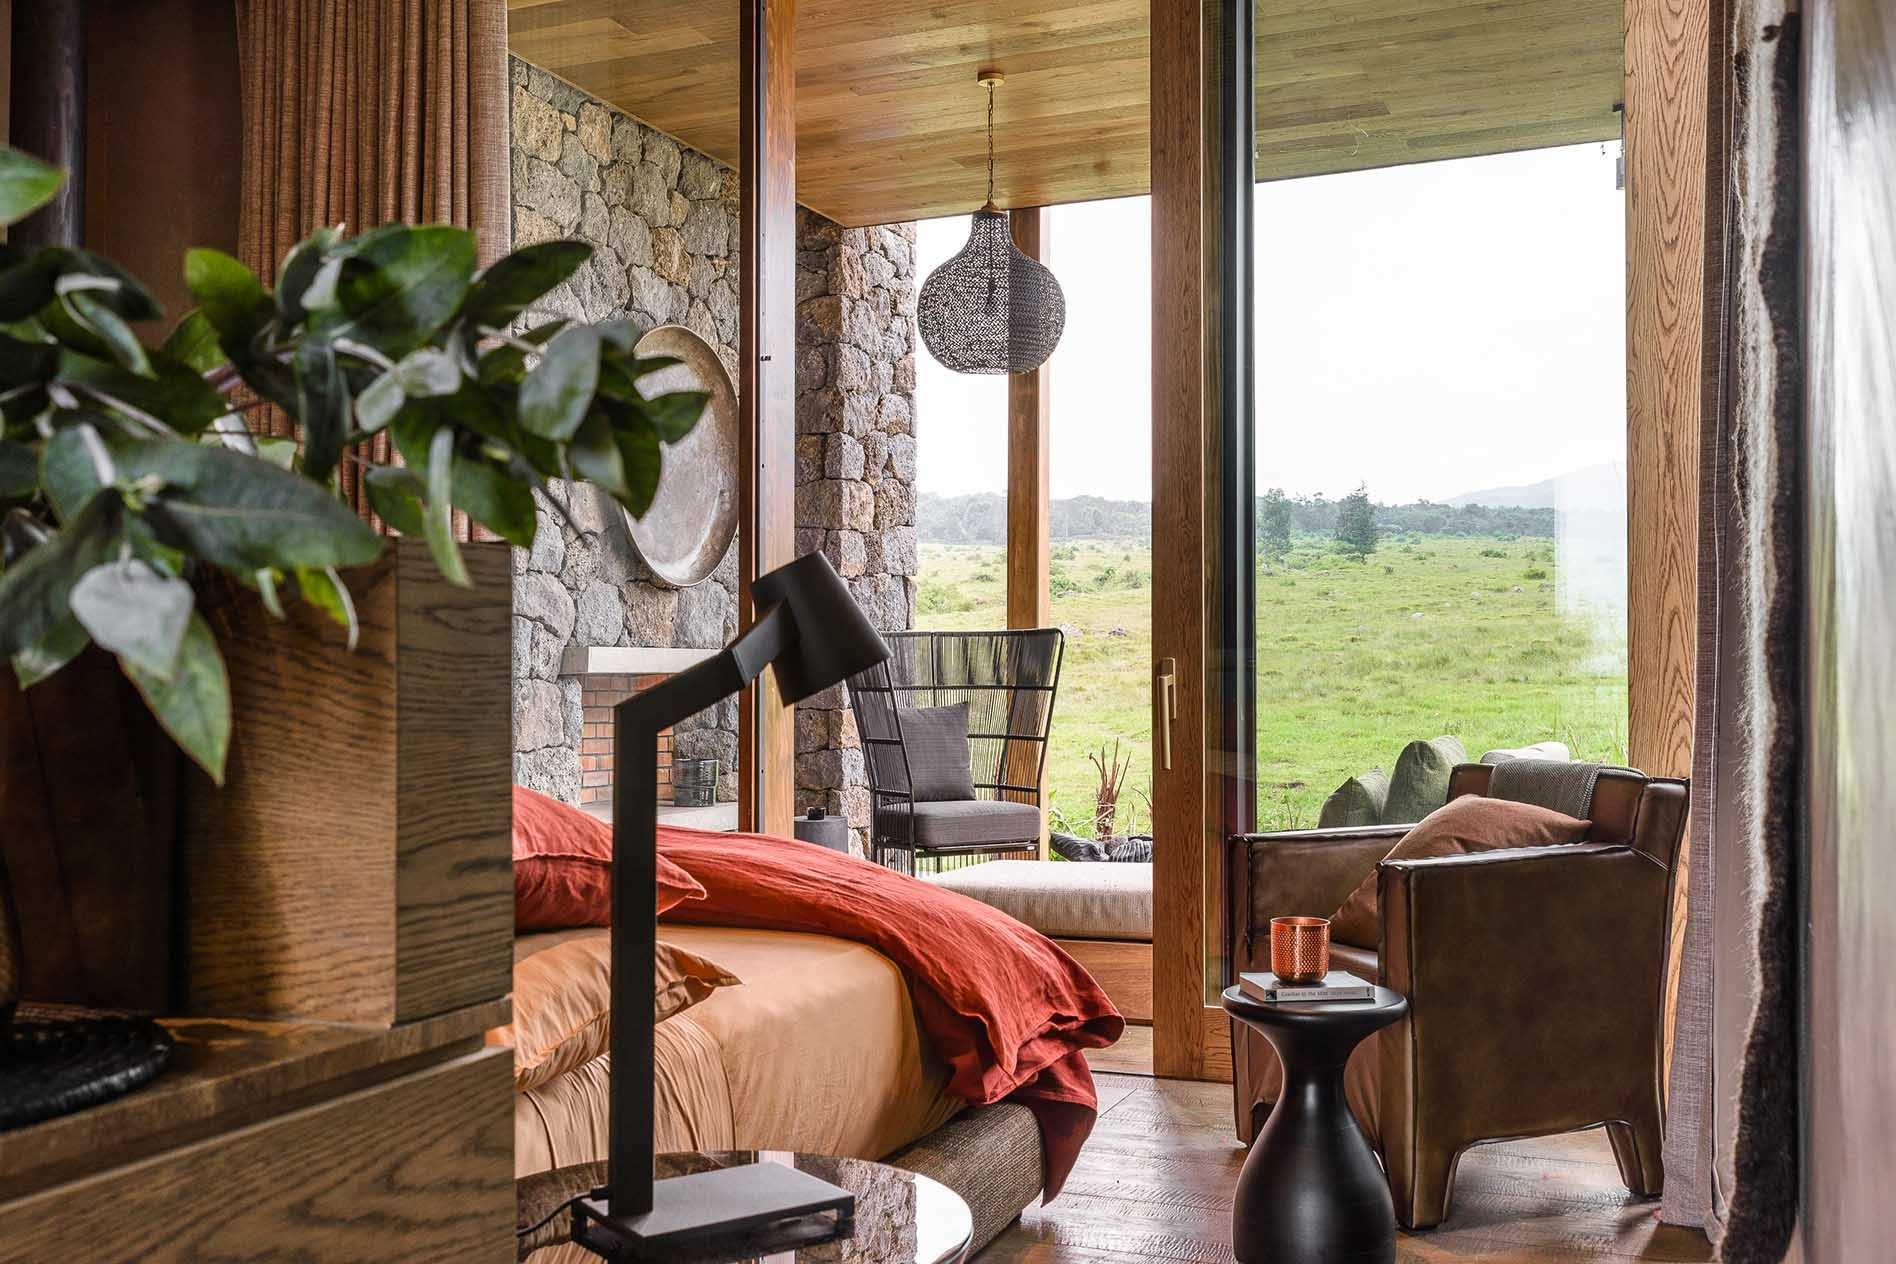 Luxury Resort Volcanoes National Park Rwanda